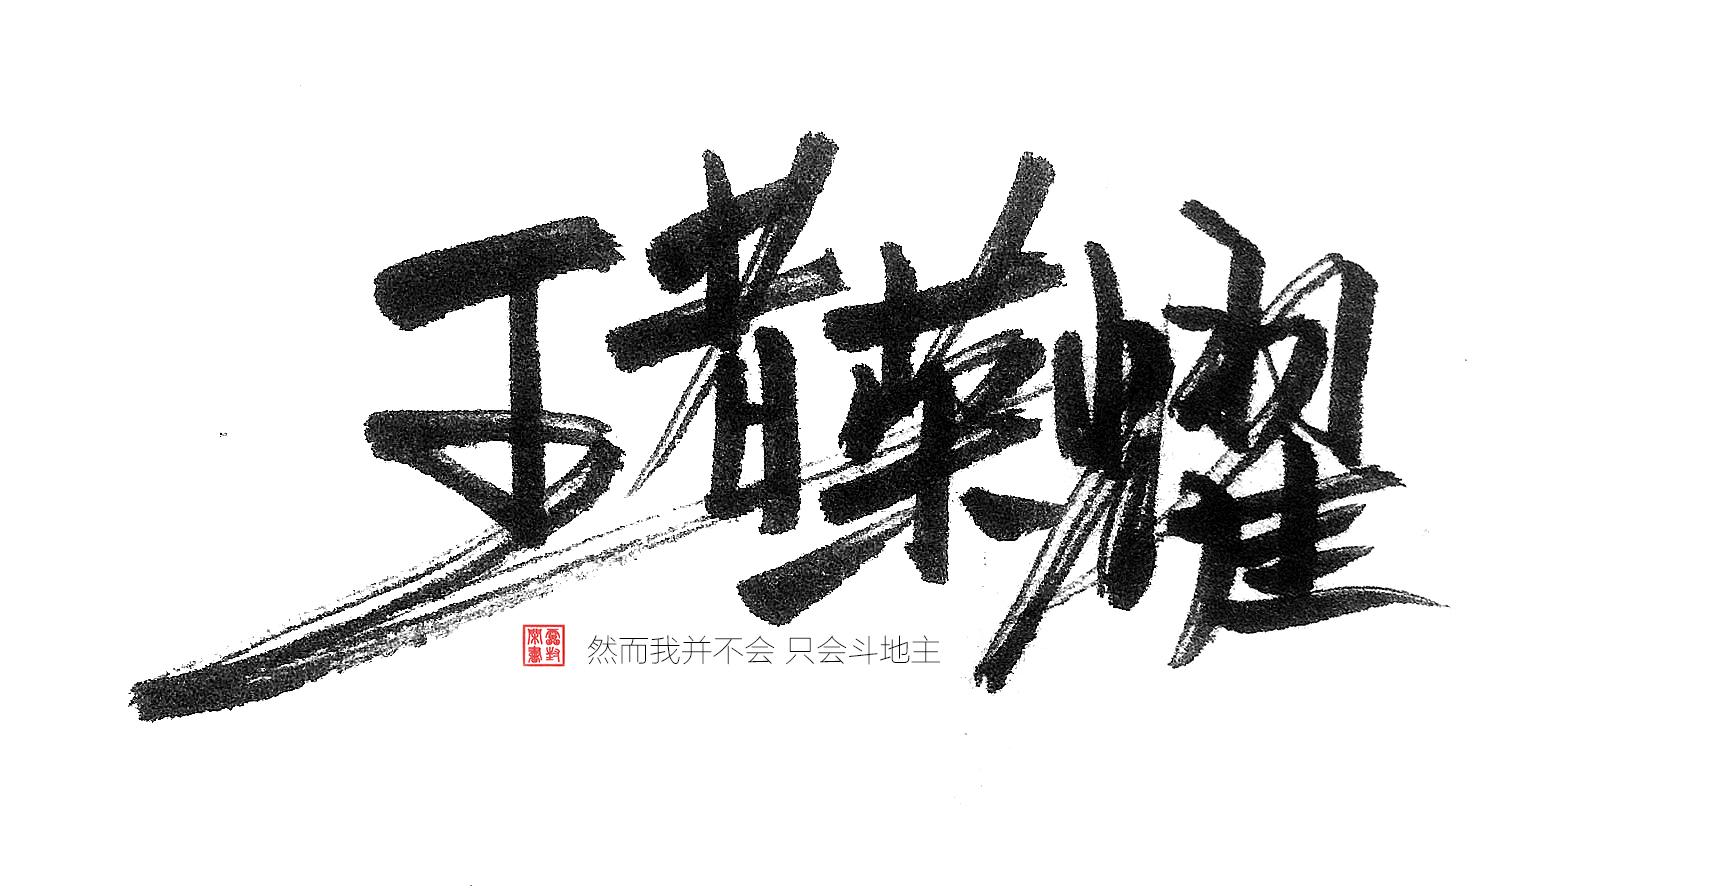 王者荣耀-修改实名认证BUG